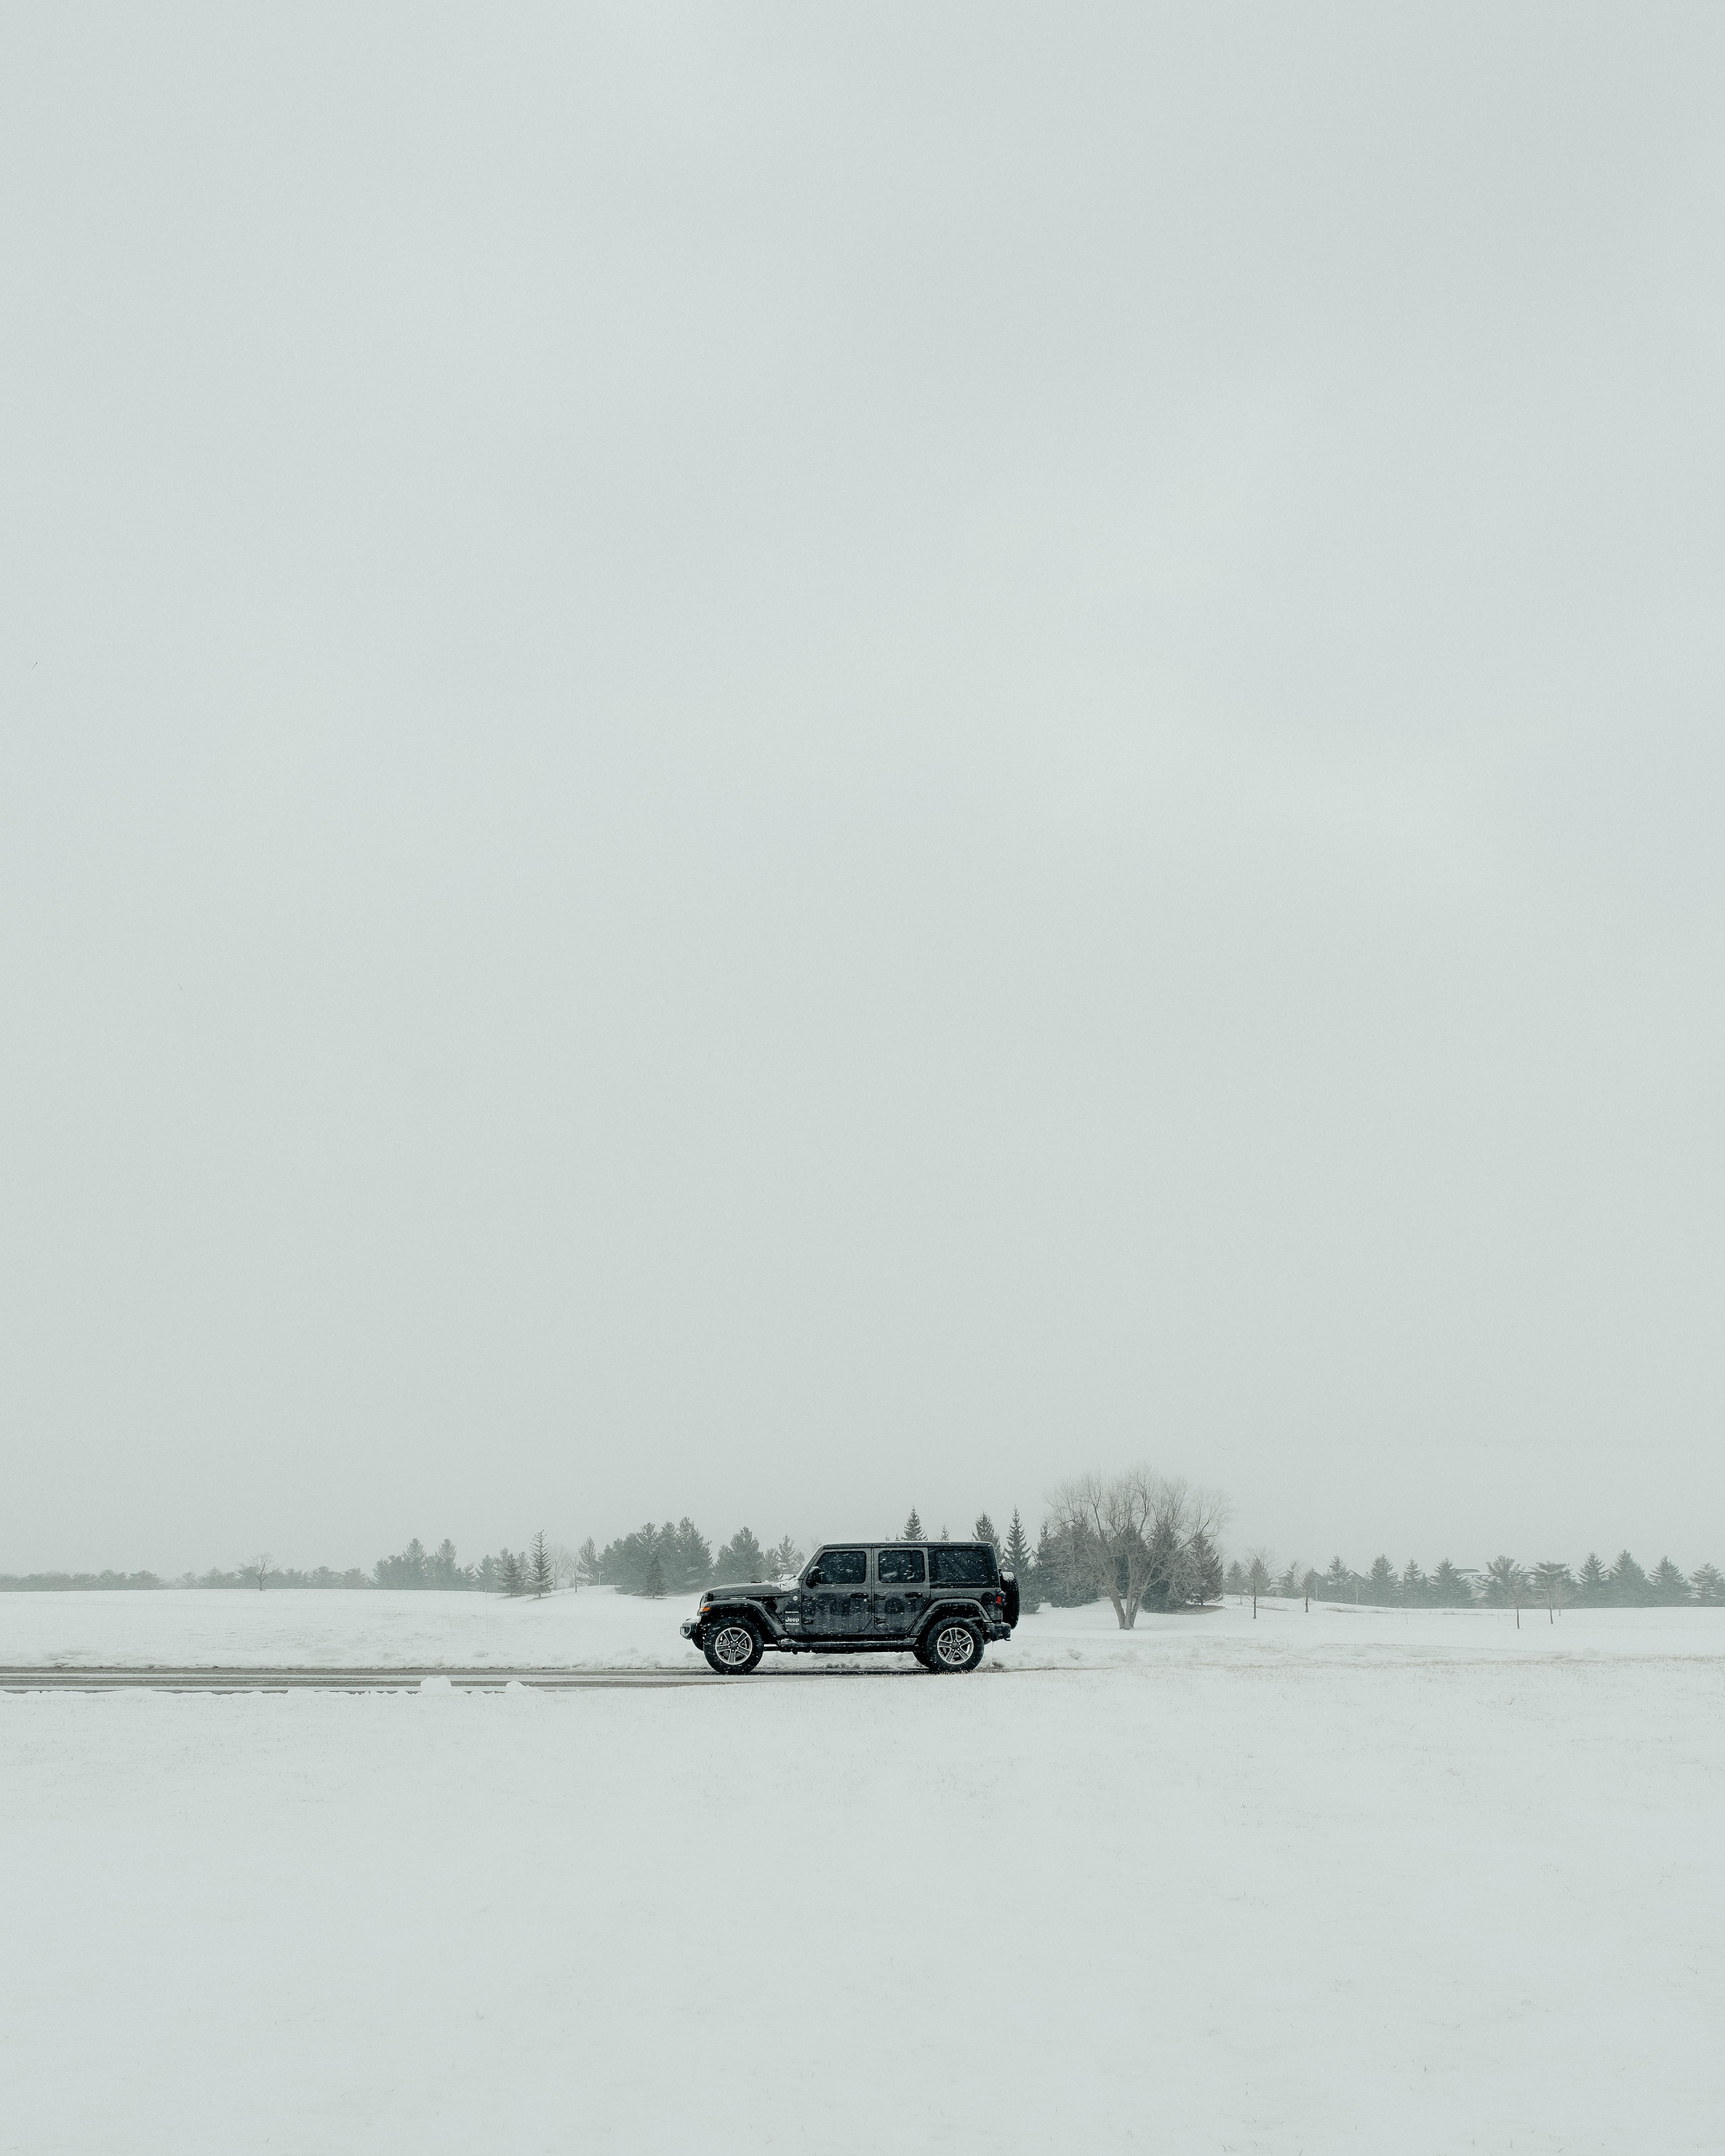 119911 скачать обои Внедорожник, Зима, Снег, Тачки (Cars), Автомобиль, Черный - заставки и картинки бесплатно